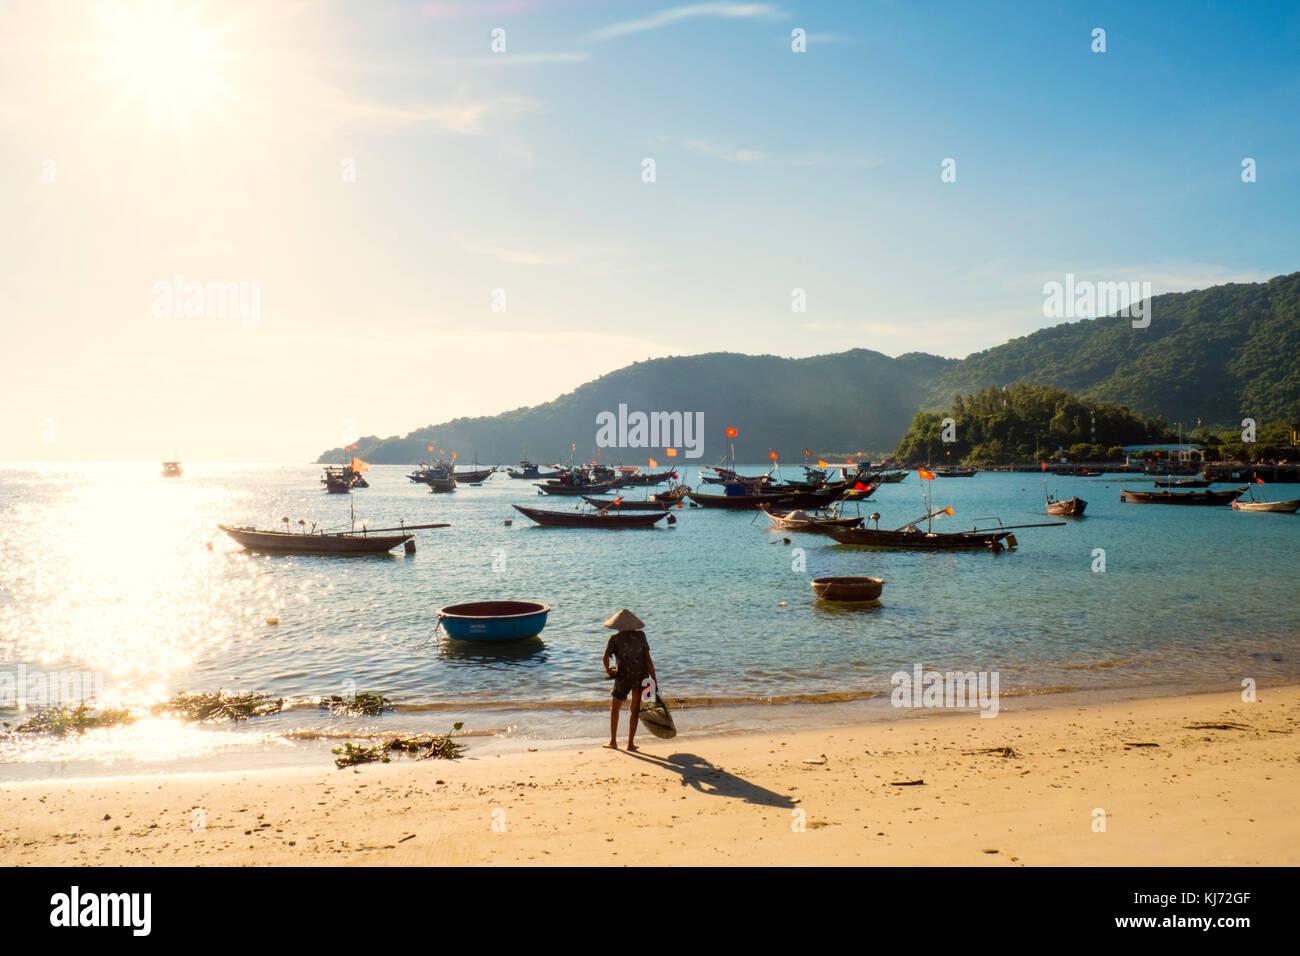 Les bateaux de pêche au large de la plage sur l'îles cham au vietnam Photo Stock